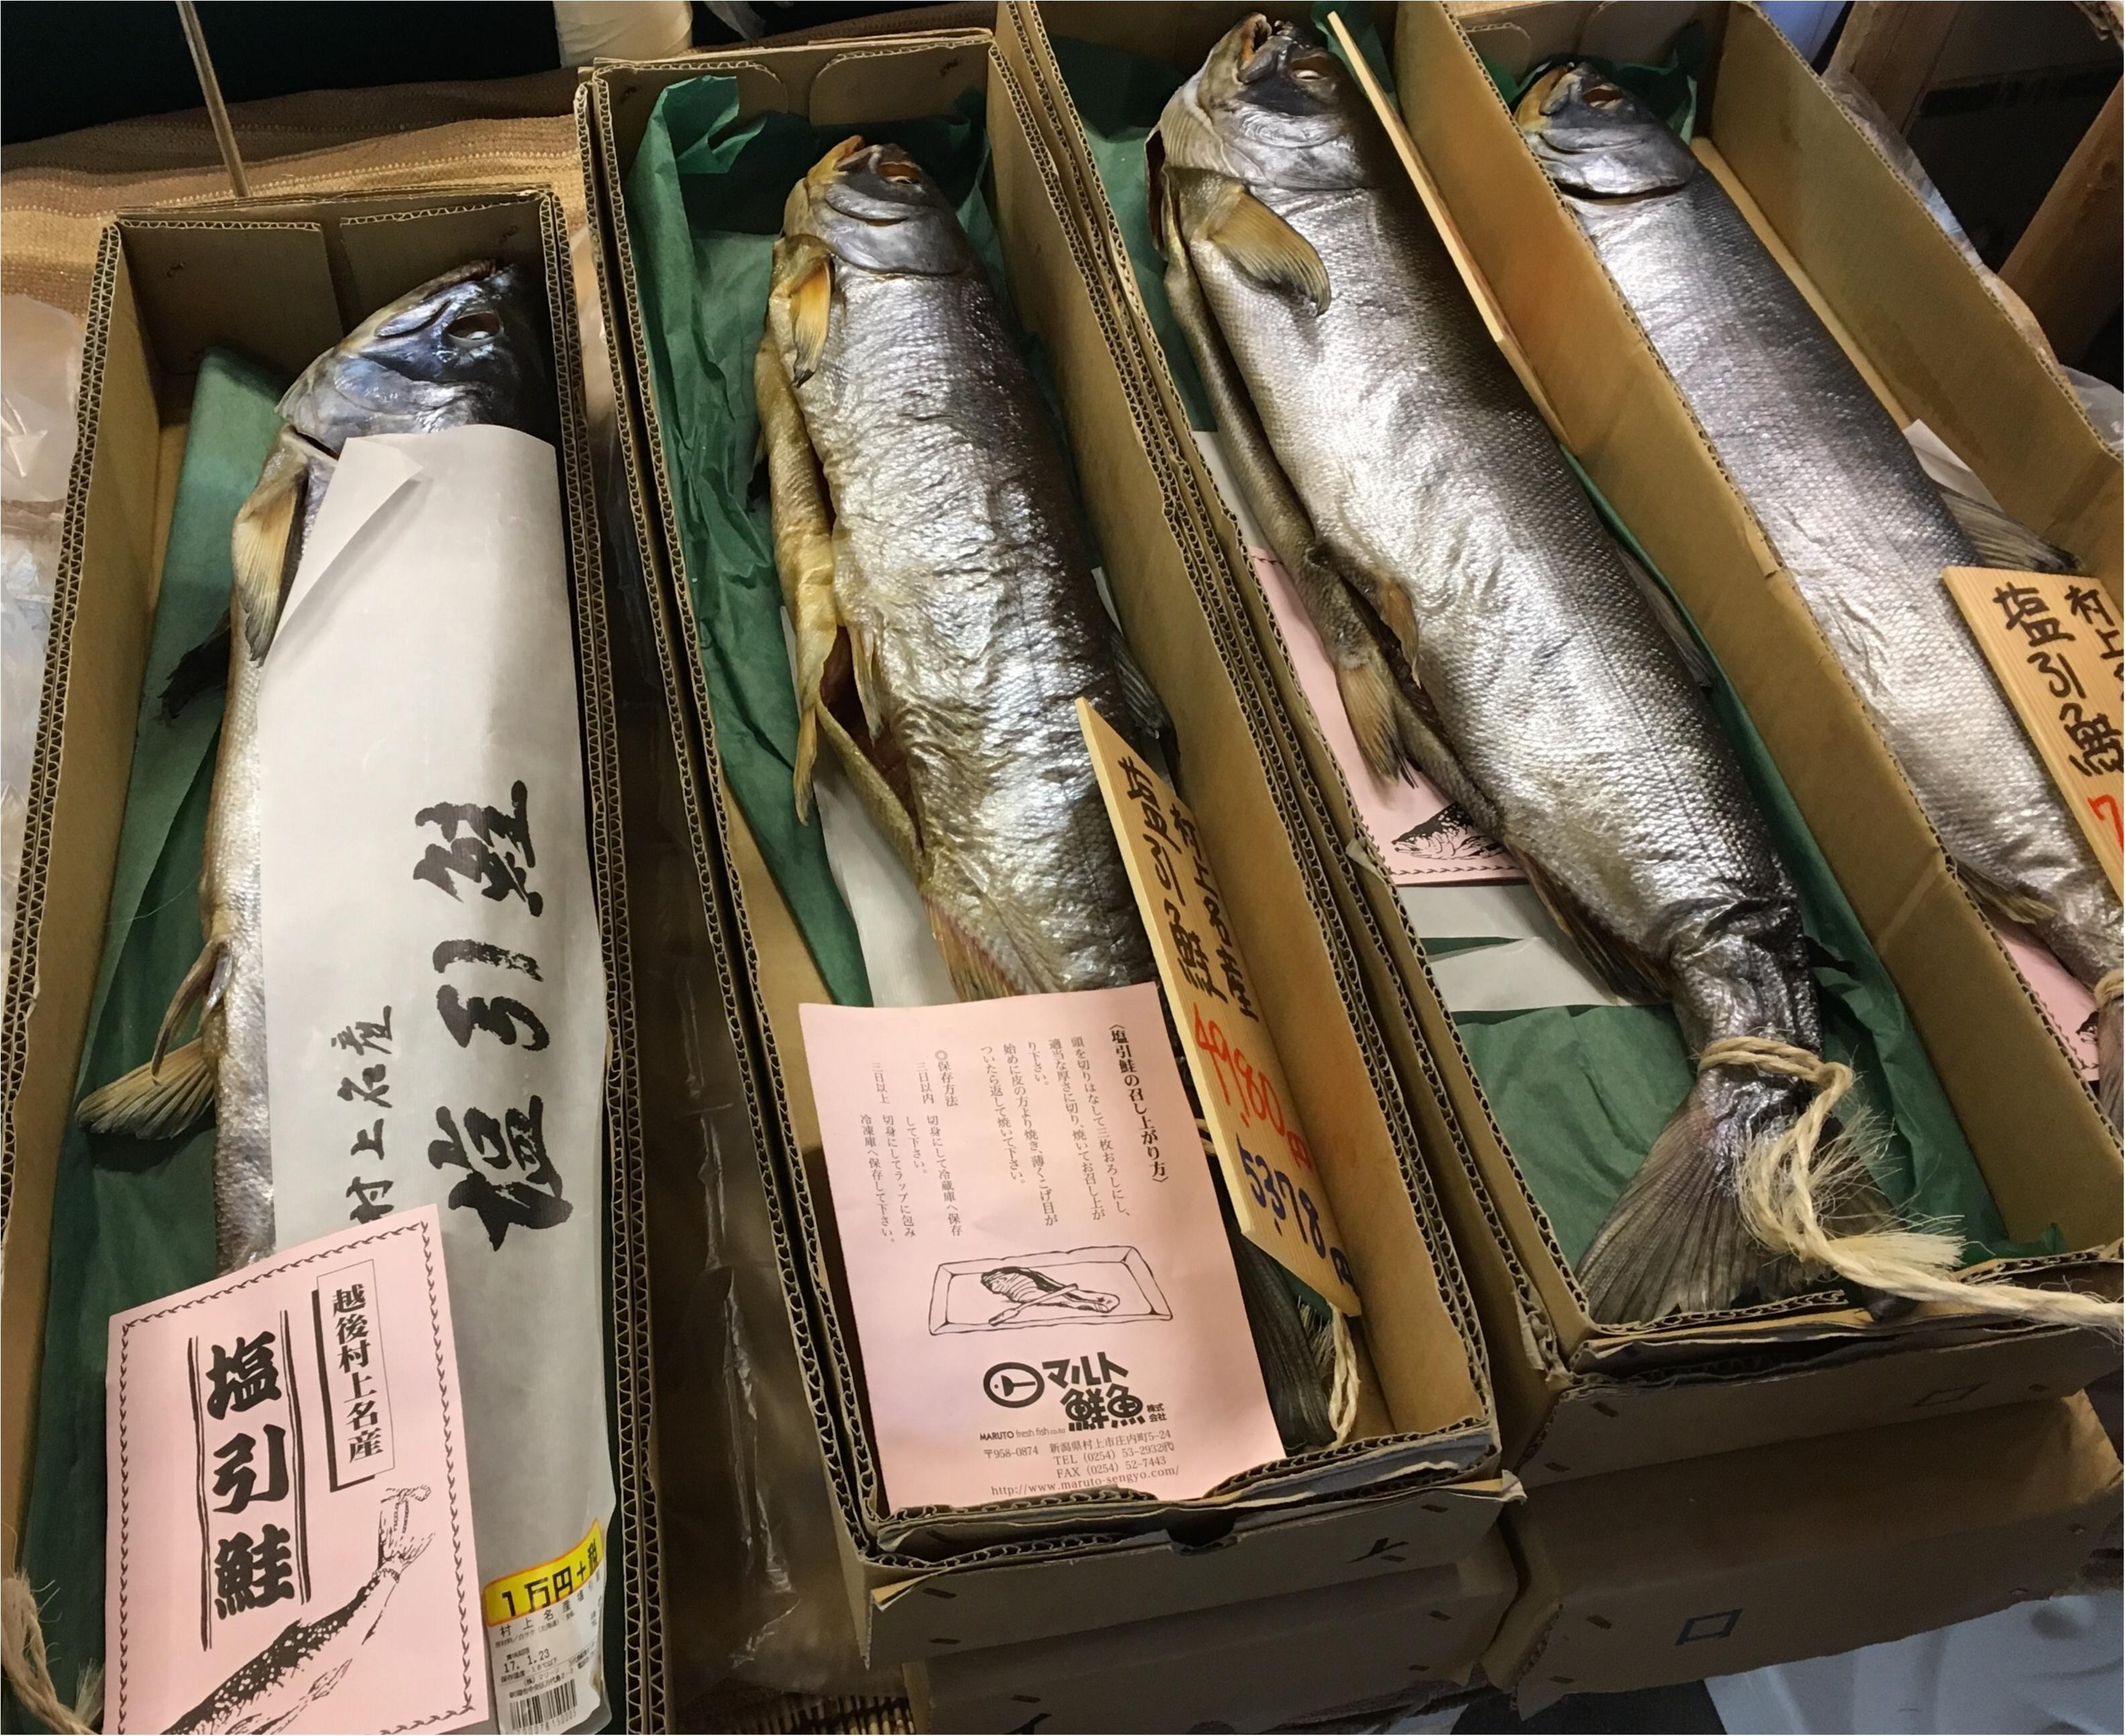 【旅行▶グルメ】もう東京駅でも食べられないあのアイスから定番B級グルメや海の幸まで♡新潟のオススメグルメ_5